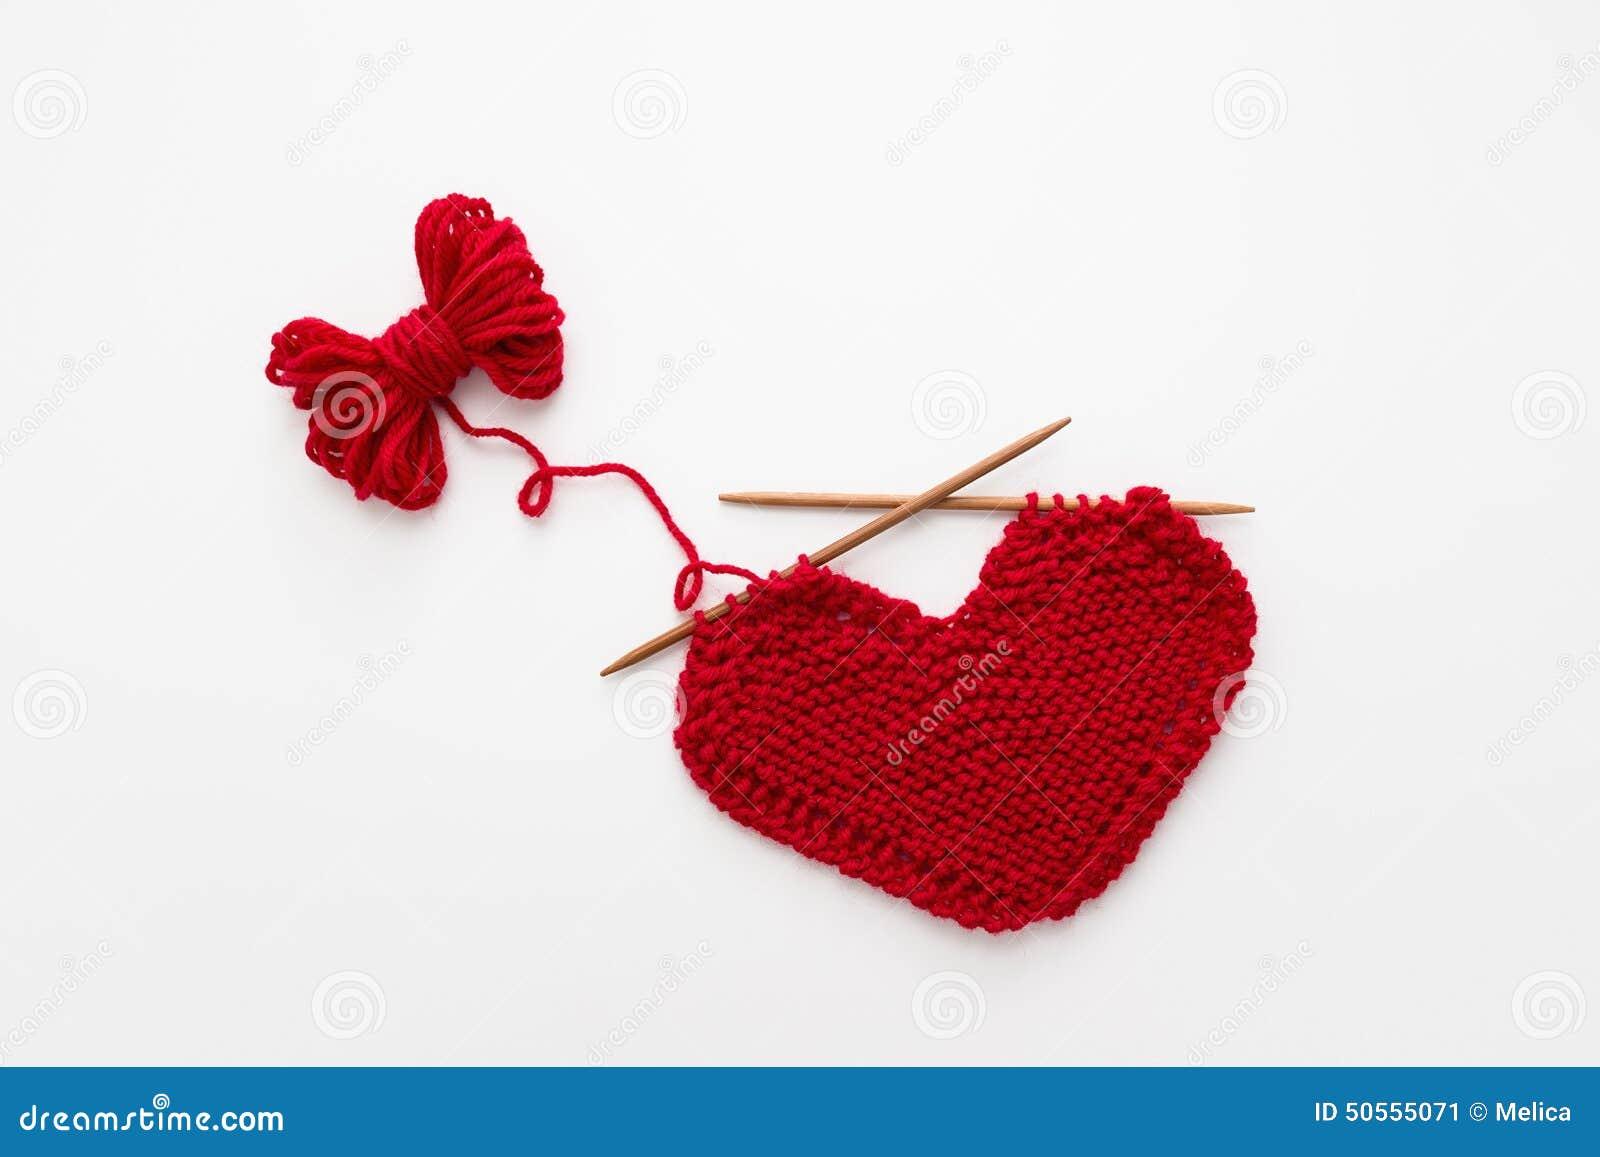 Knitting Patterns Love Knitting : Love Knitting Stock Photo - Image: 50555071